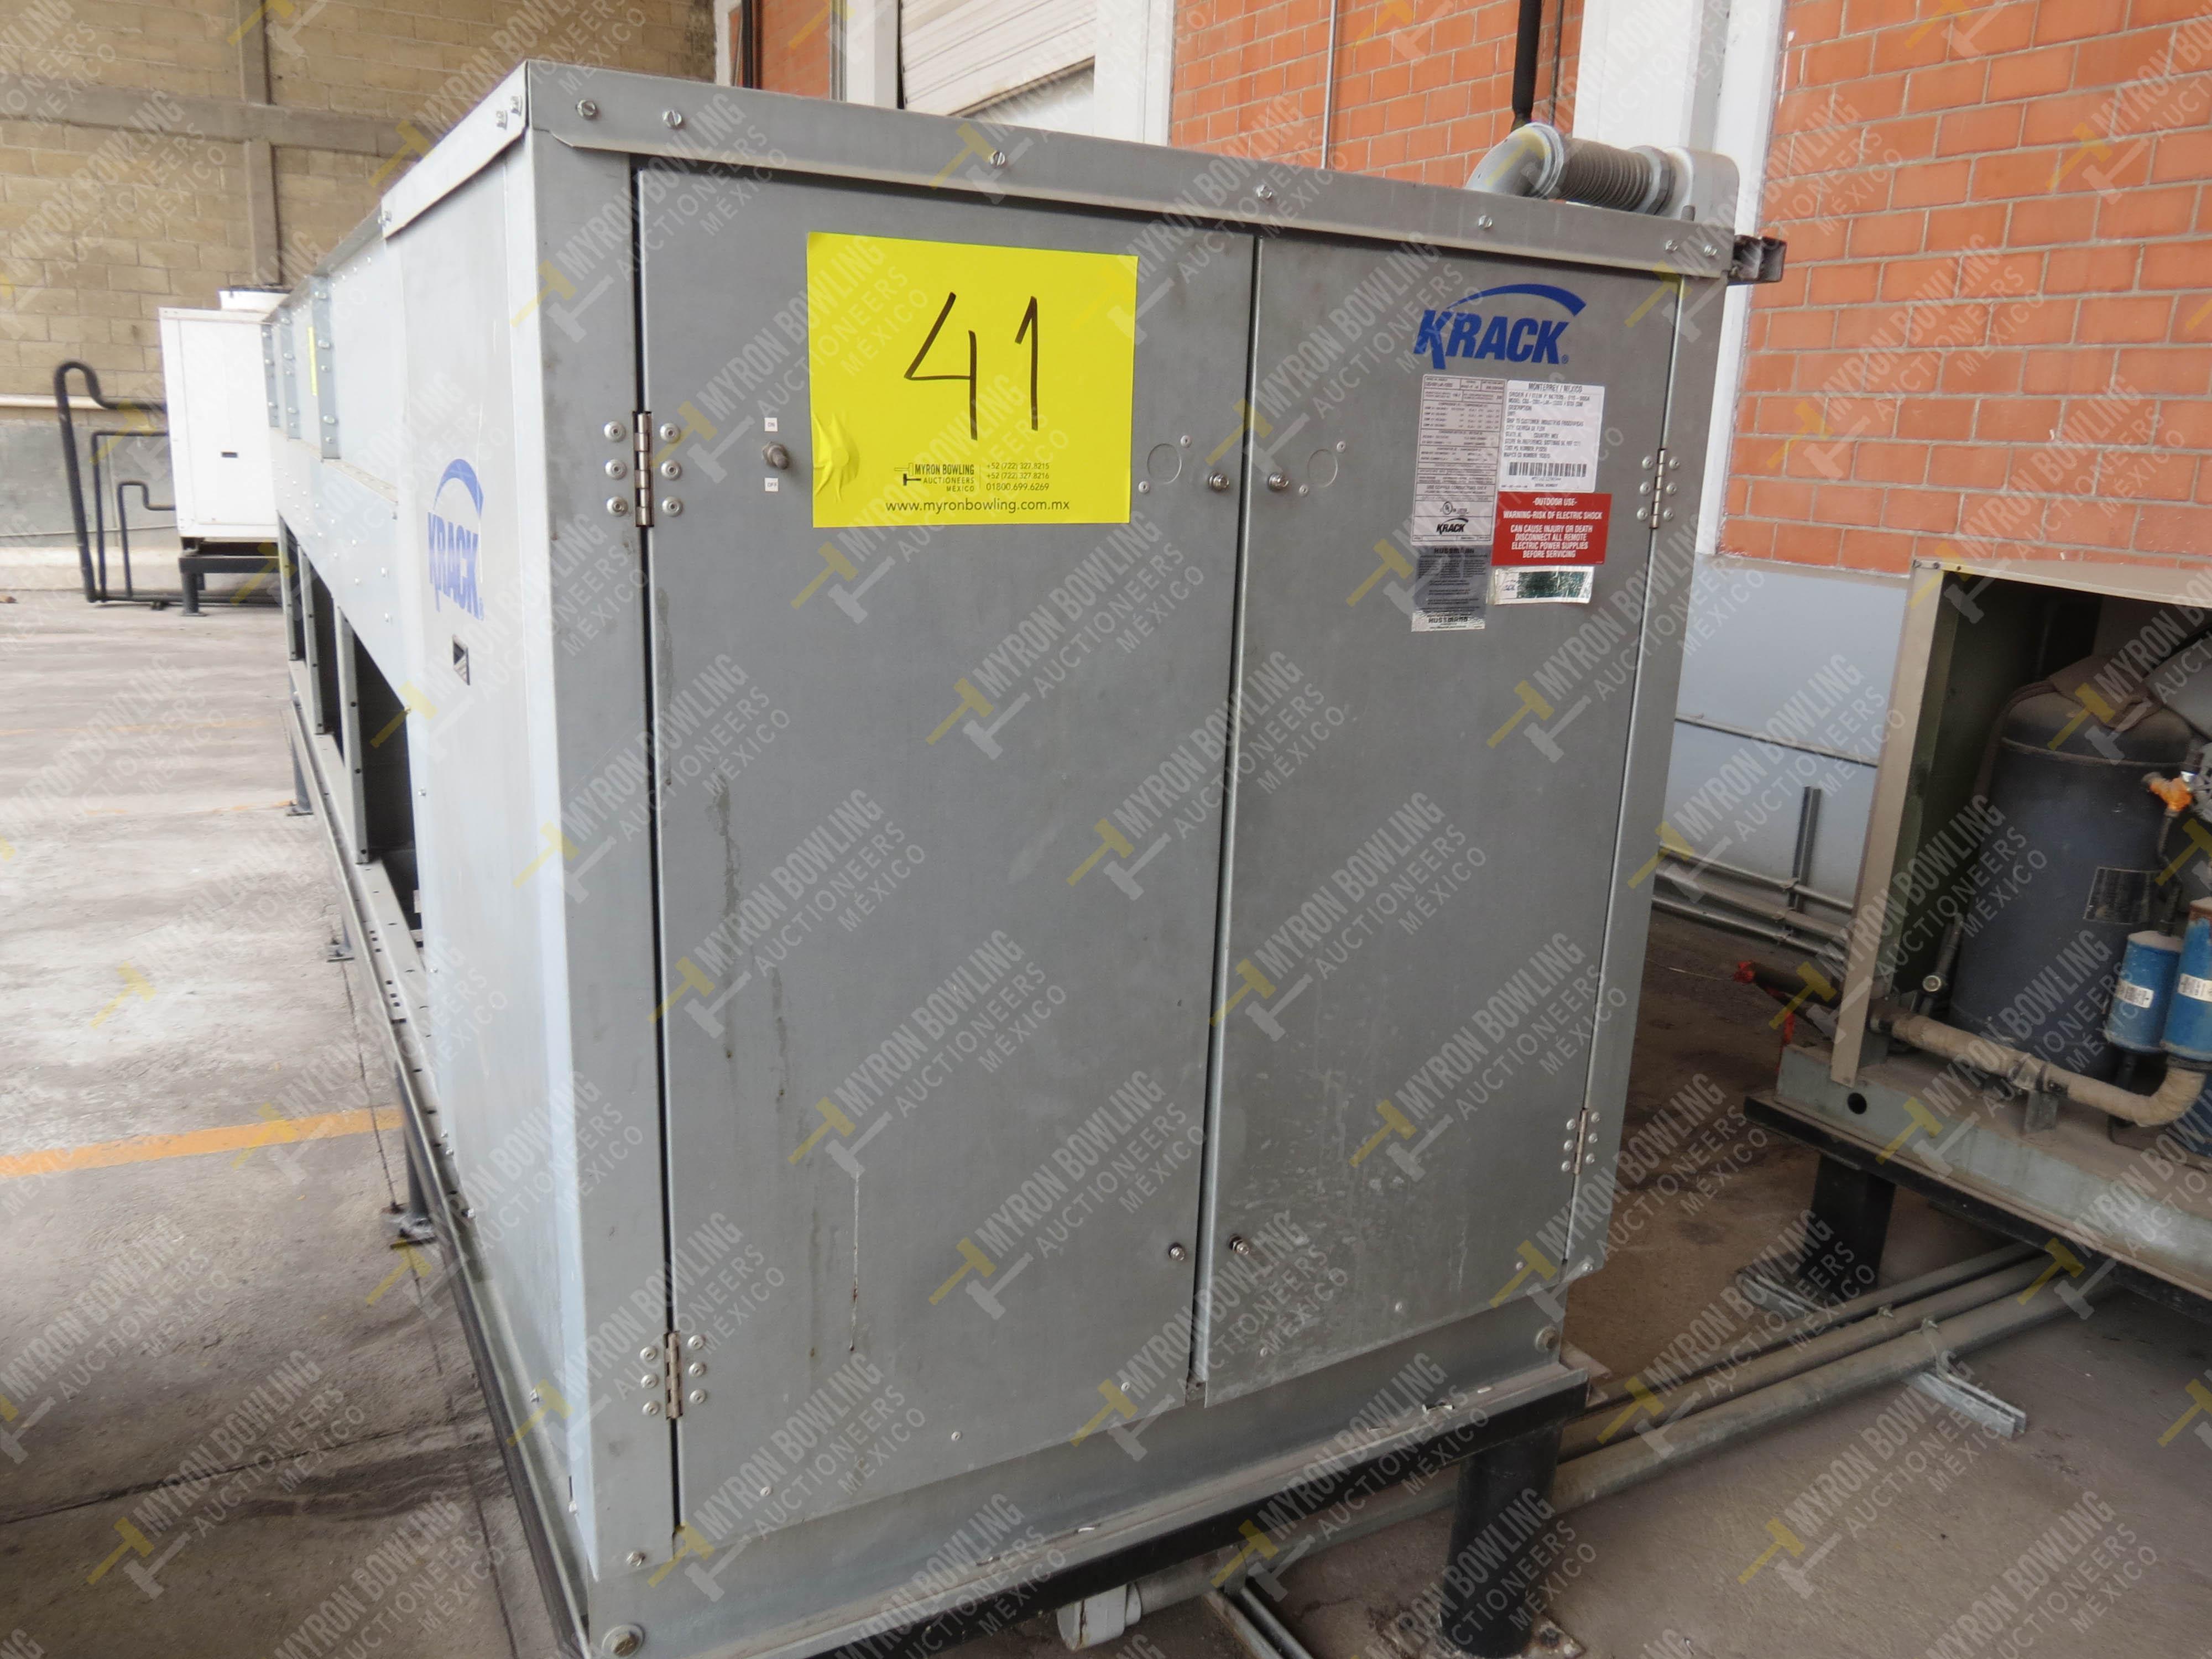 Cámara de refrigeración marca Krack, Modelo CSD-0301-L4K-133DD medidas 6.80 x 13.30 x 5.80 - Image 15 of 15